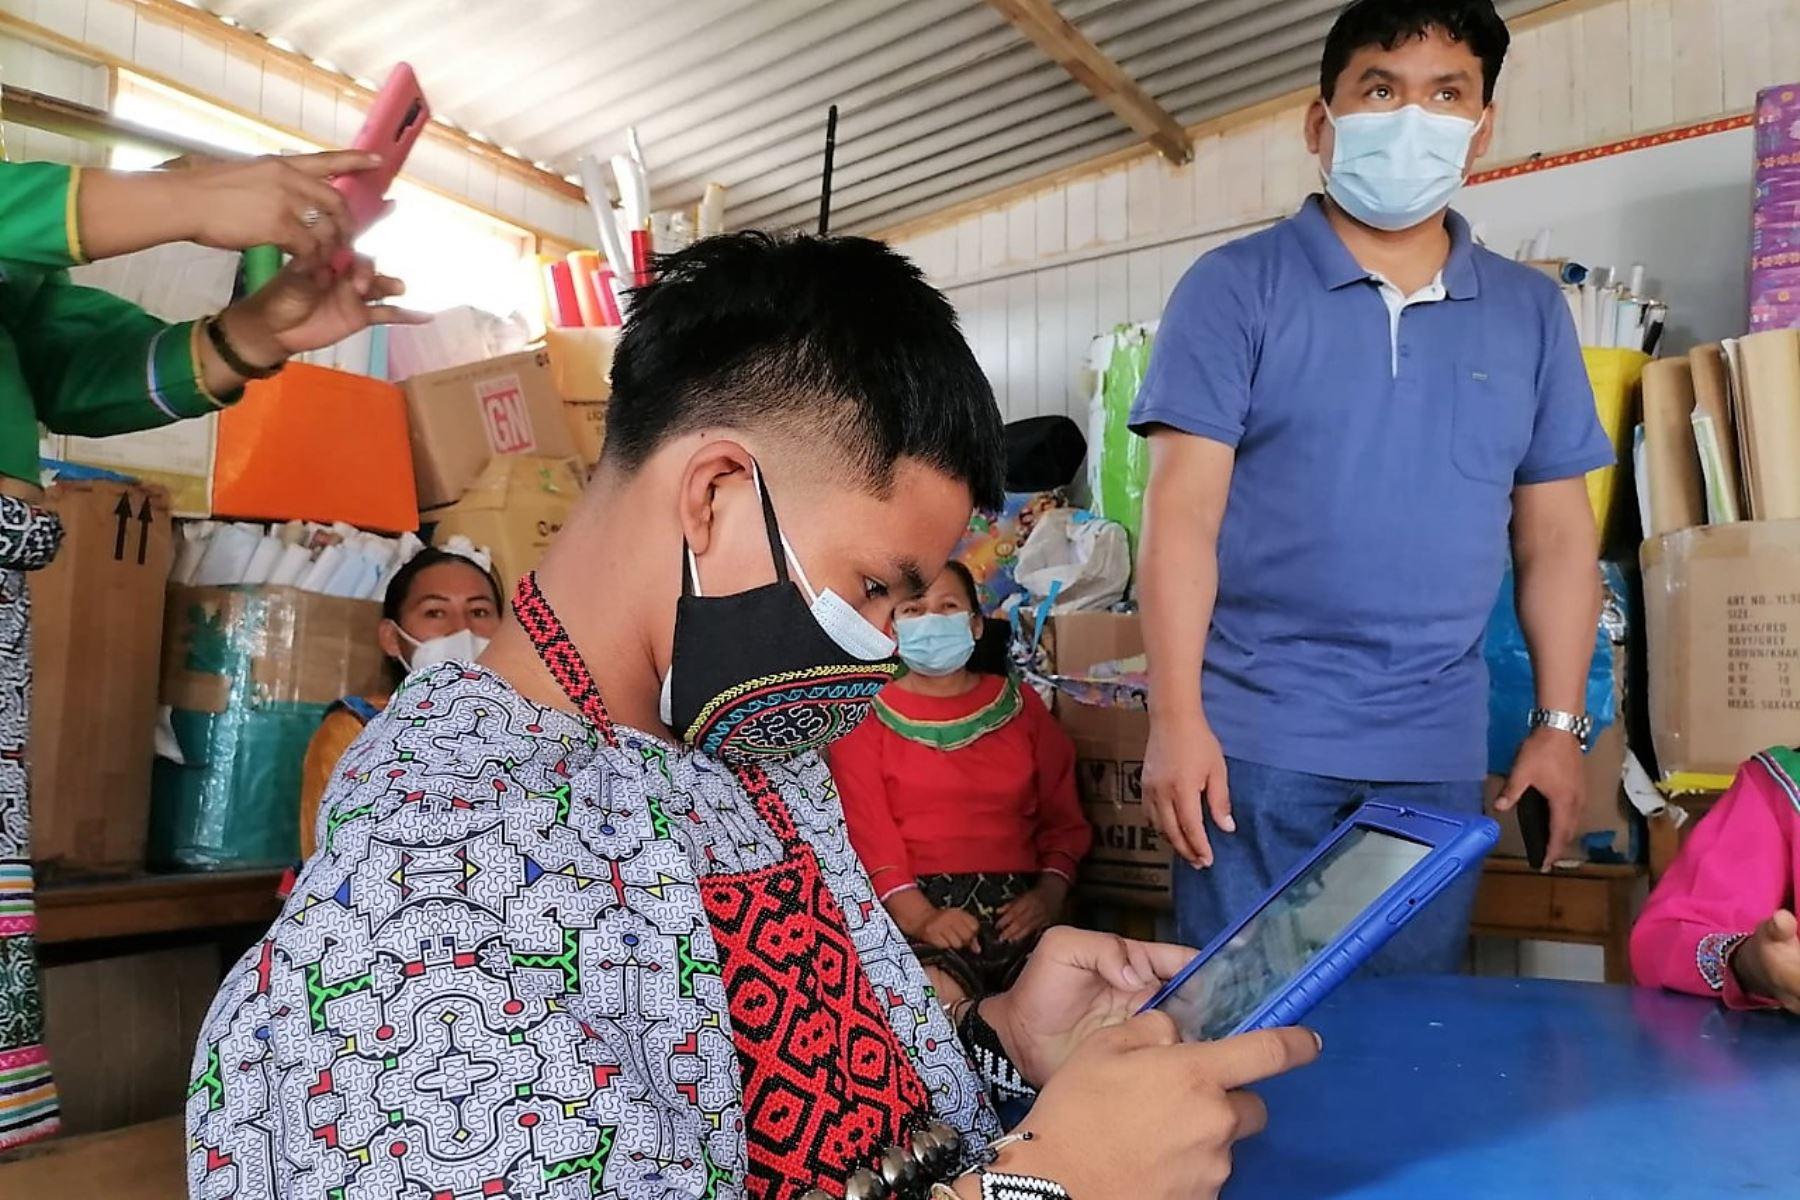 Las tabletas digitales llegarán a más de un millón de escolares y docentes de escuelas públicas priorizadas. Foto: ANDINA/Difusión